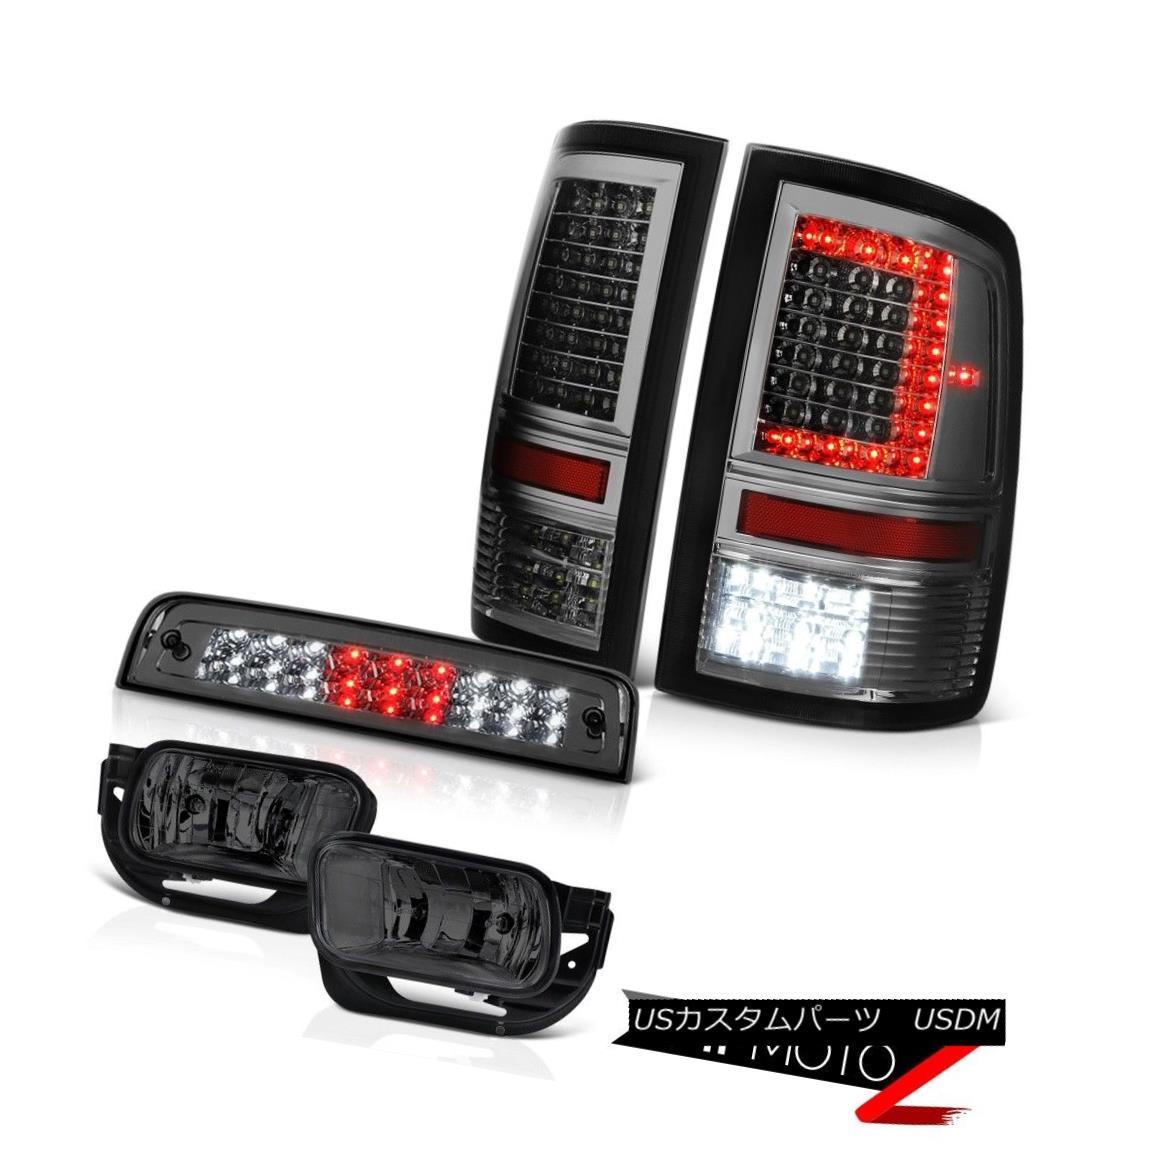 テールライト 09-18 Dodge RAM 2500 3500 Smokey Tail Light Fog Lamps Third Brake Lights PAIR 09-18ダッジRAM 2500 3500スモーキーテールライトフォグランプ第3ブレーキライトPAIR